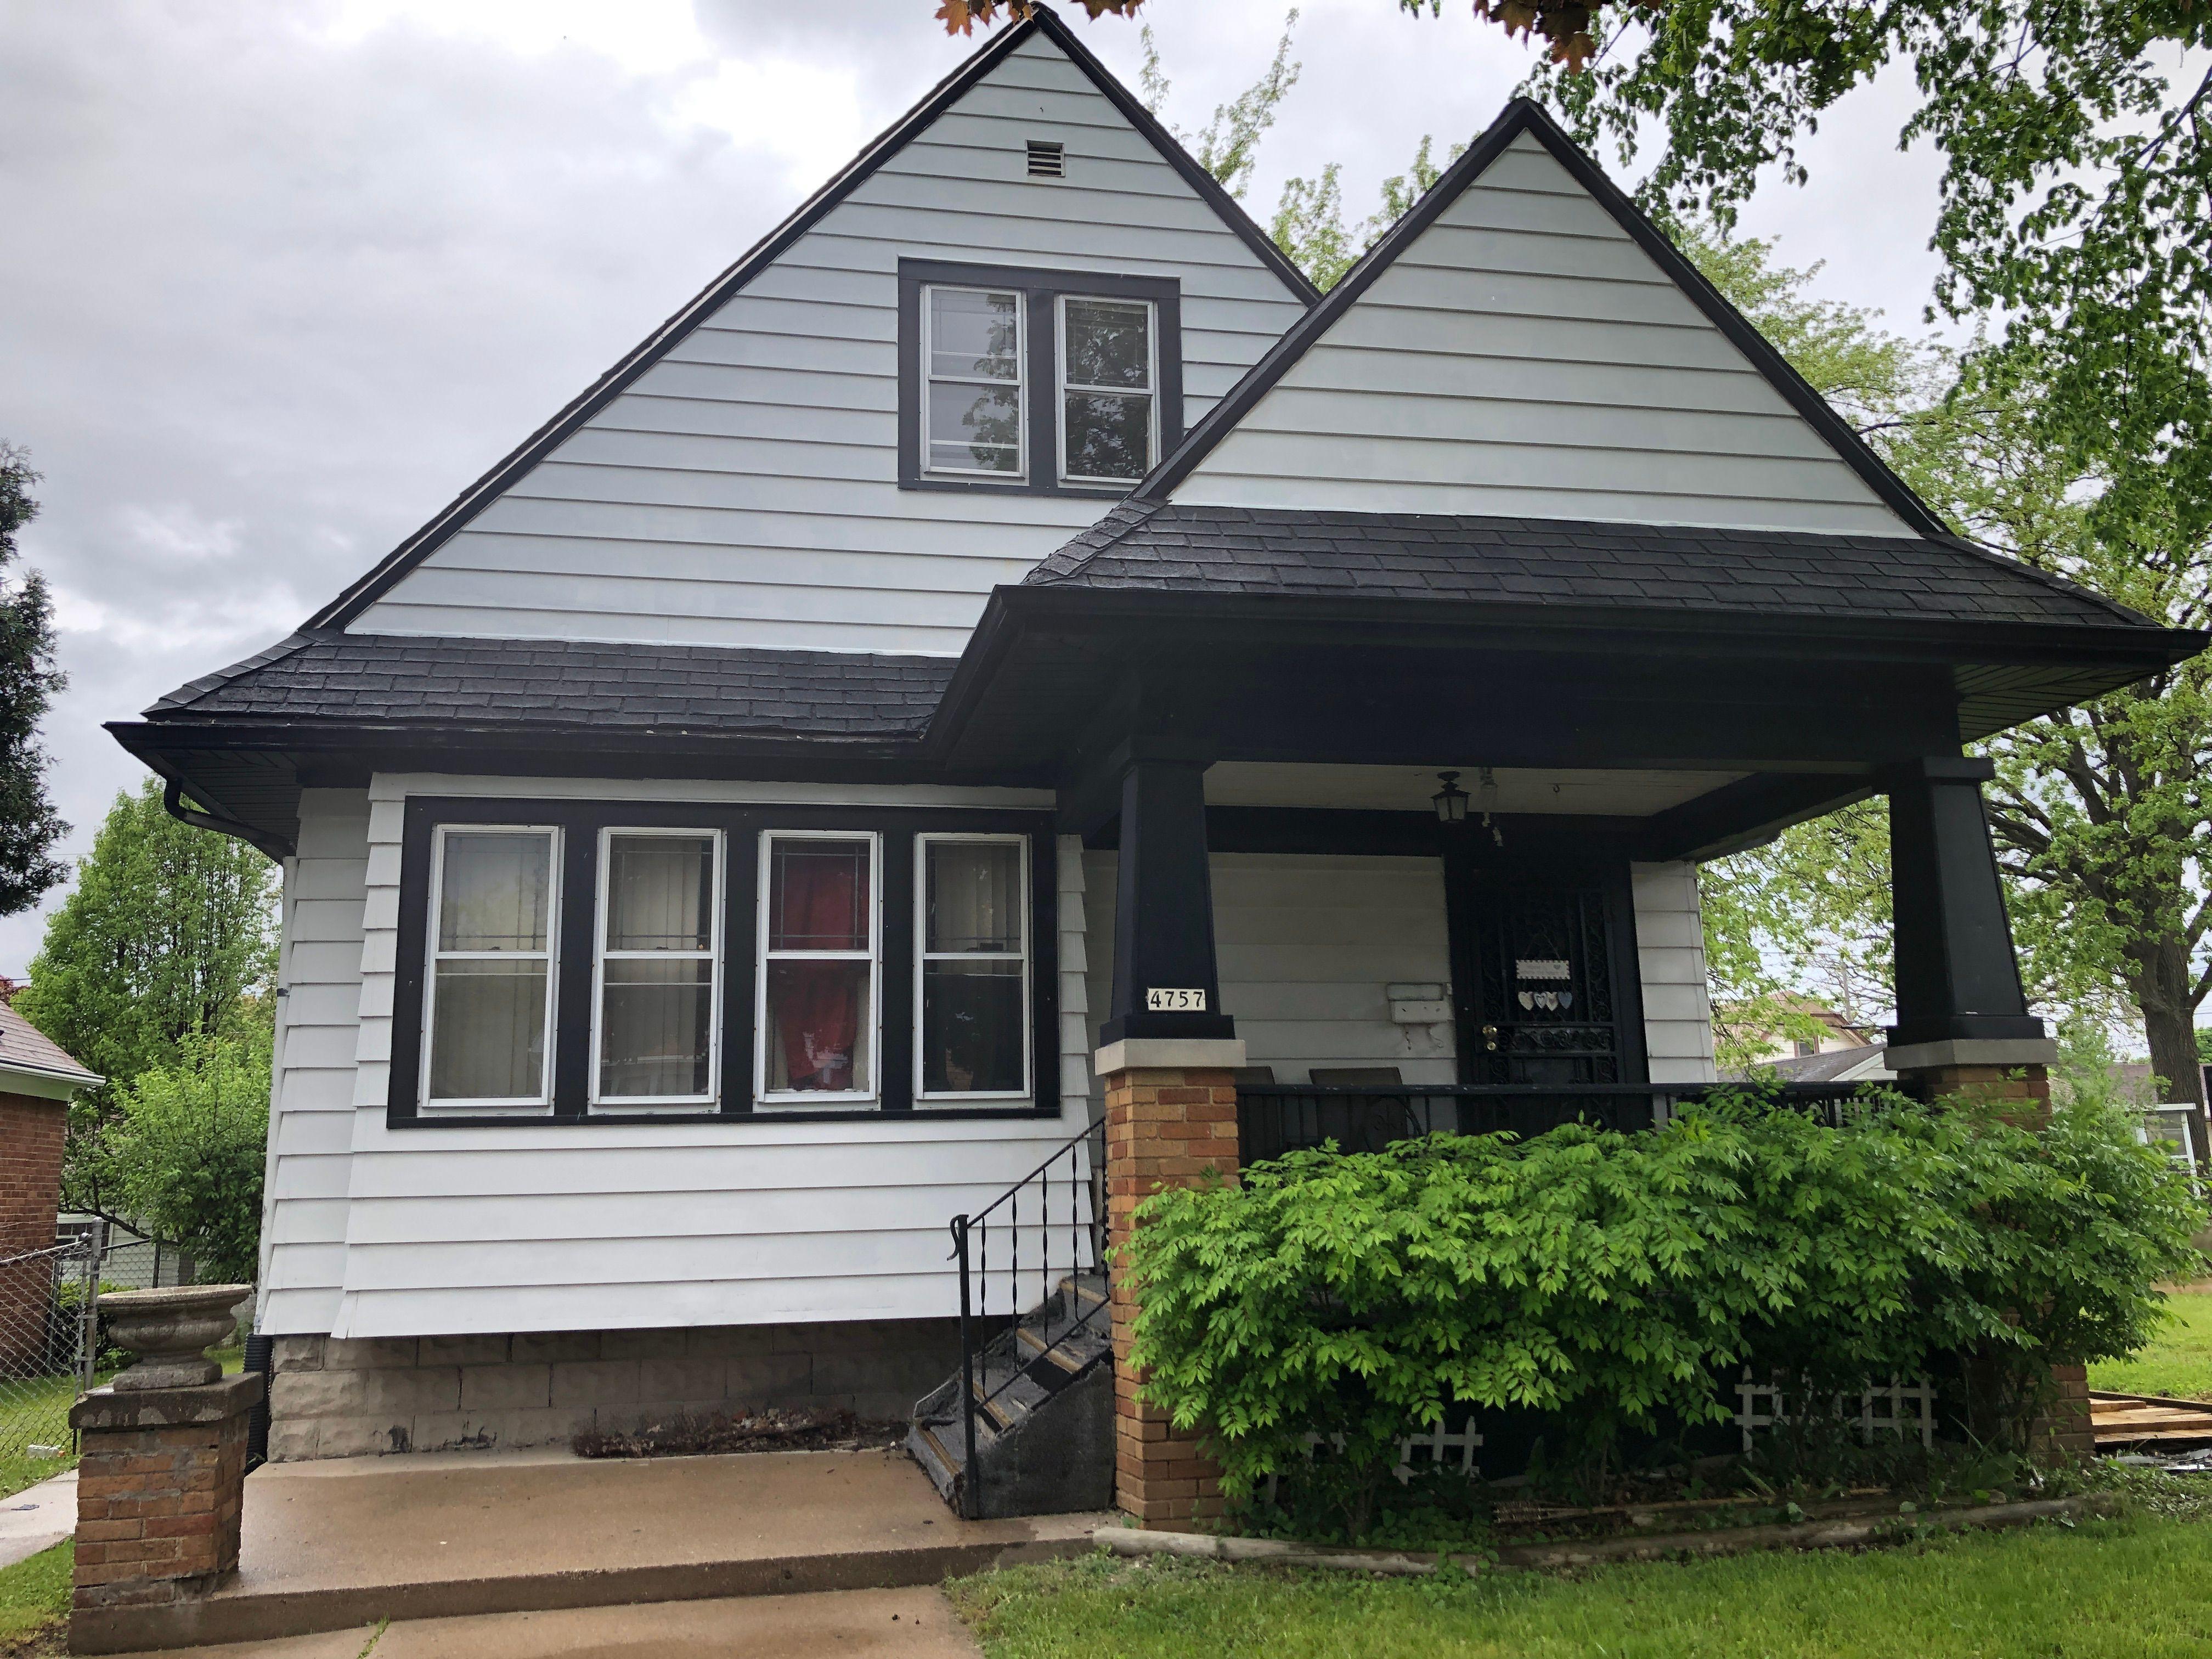 4757 N 41st St, Milwaukee, WI